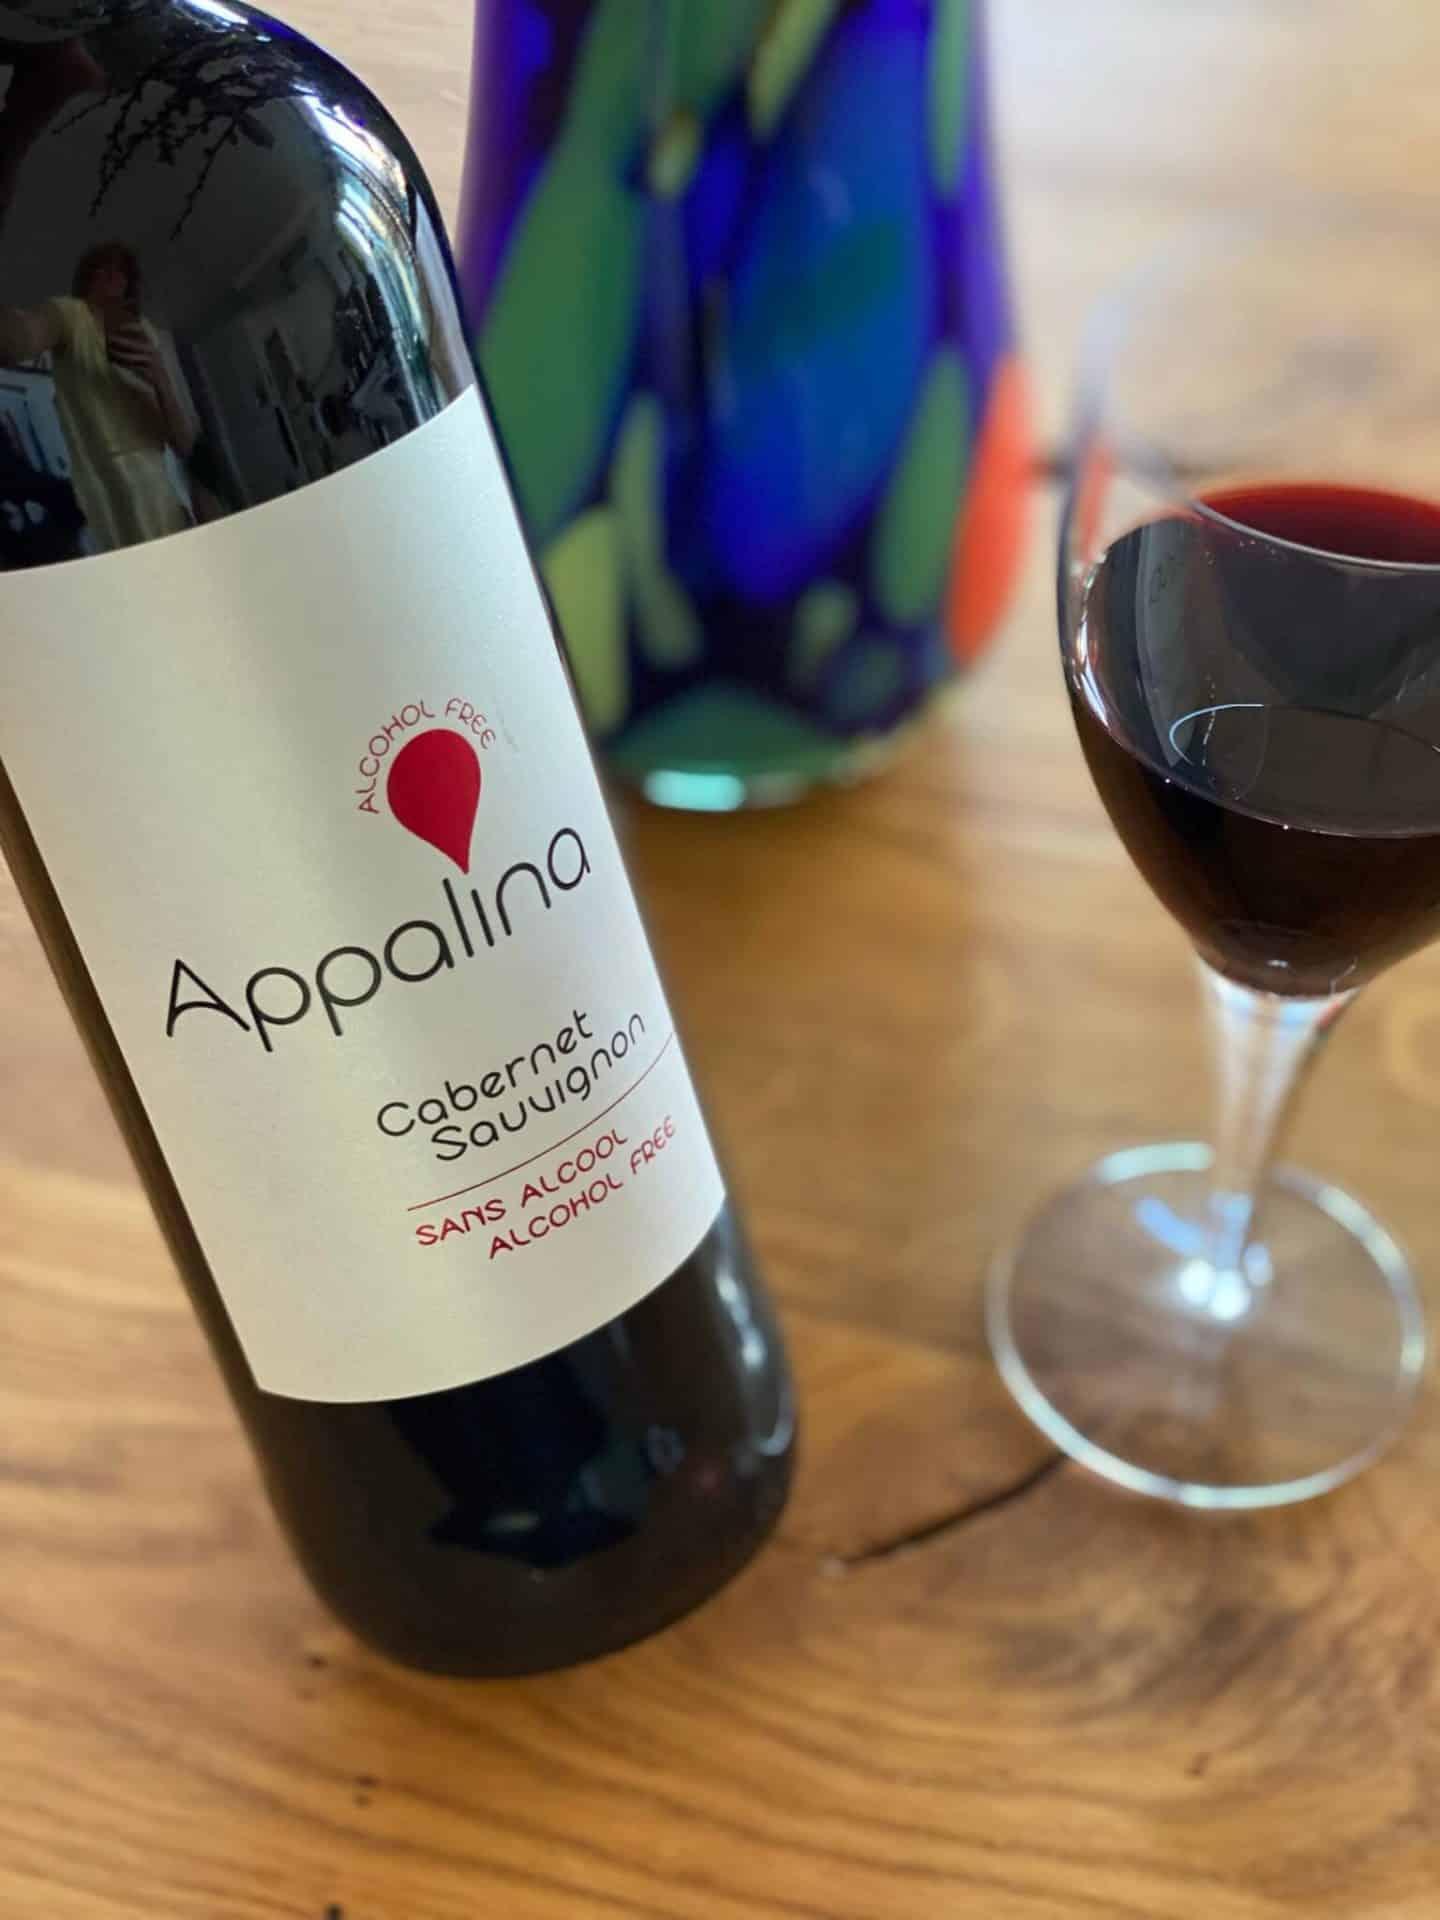 Appalina rødvinsflaske og rødvinsglas